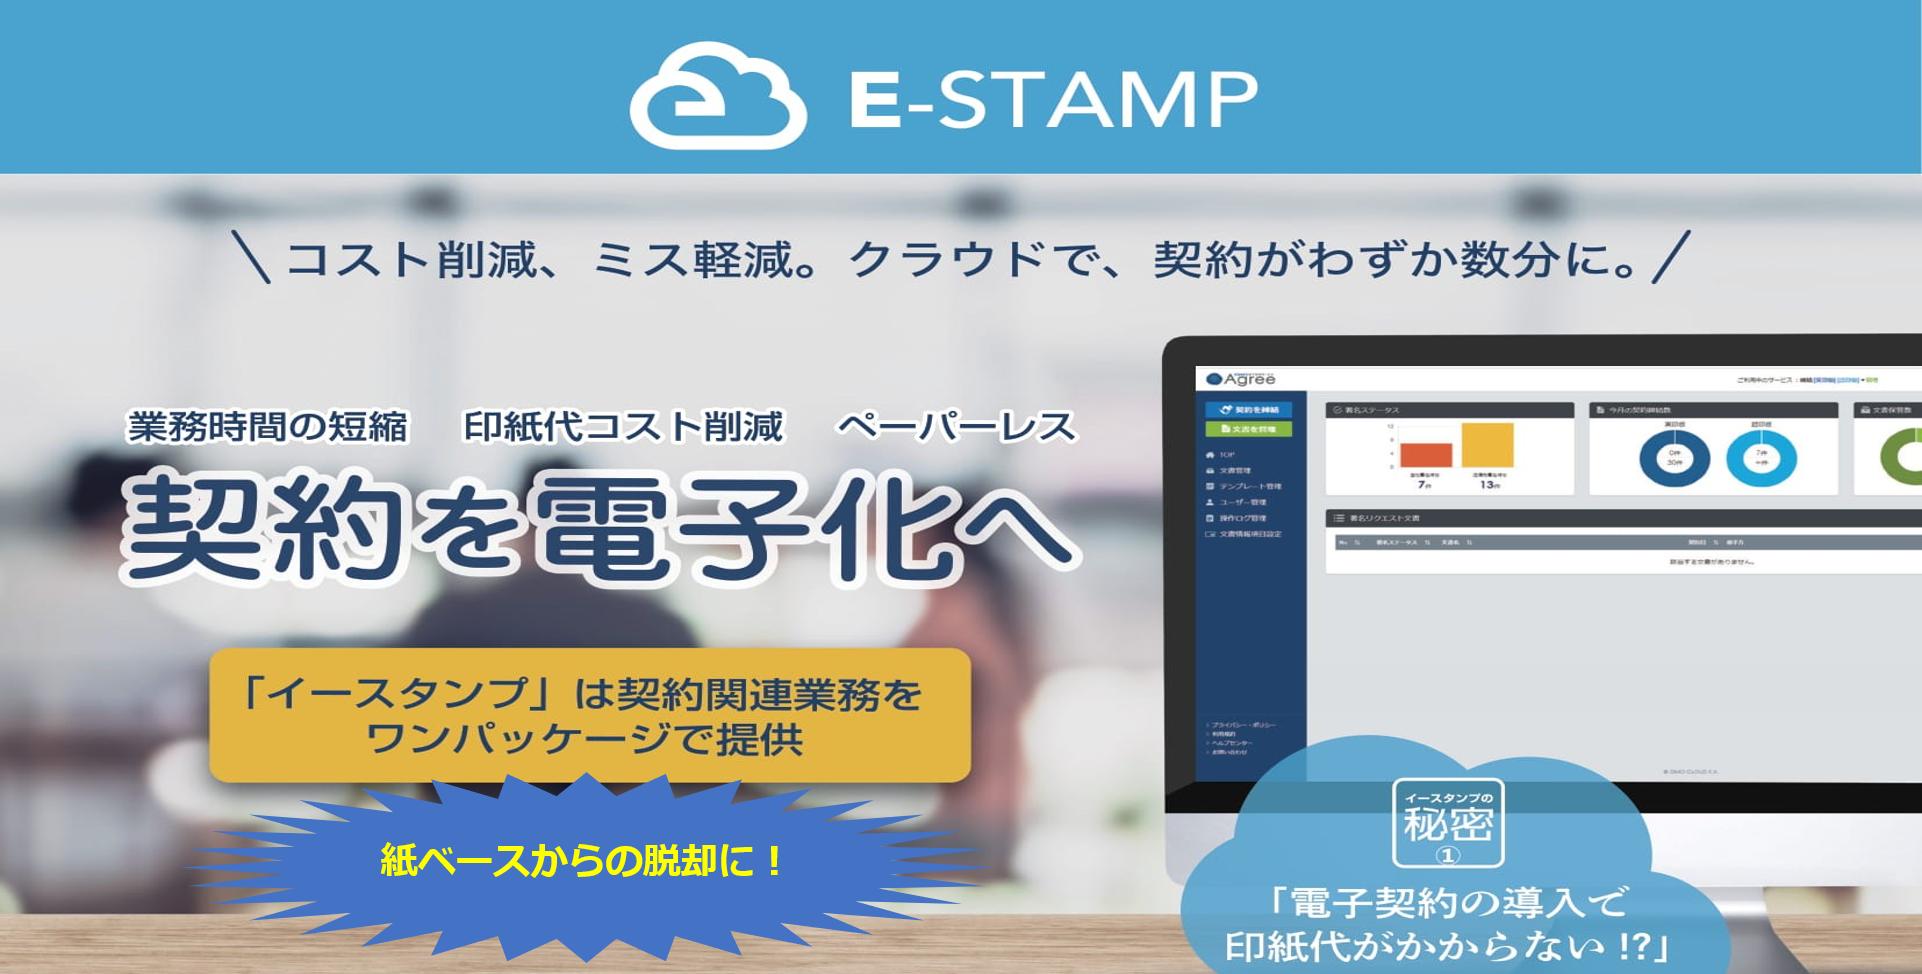 紙ベース管理からの脱却へ!「電子契約サービス『E-STAMP(イースタンプ)』」